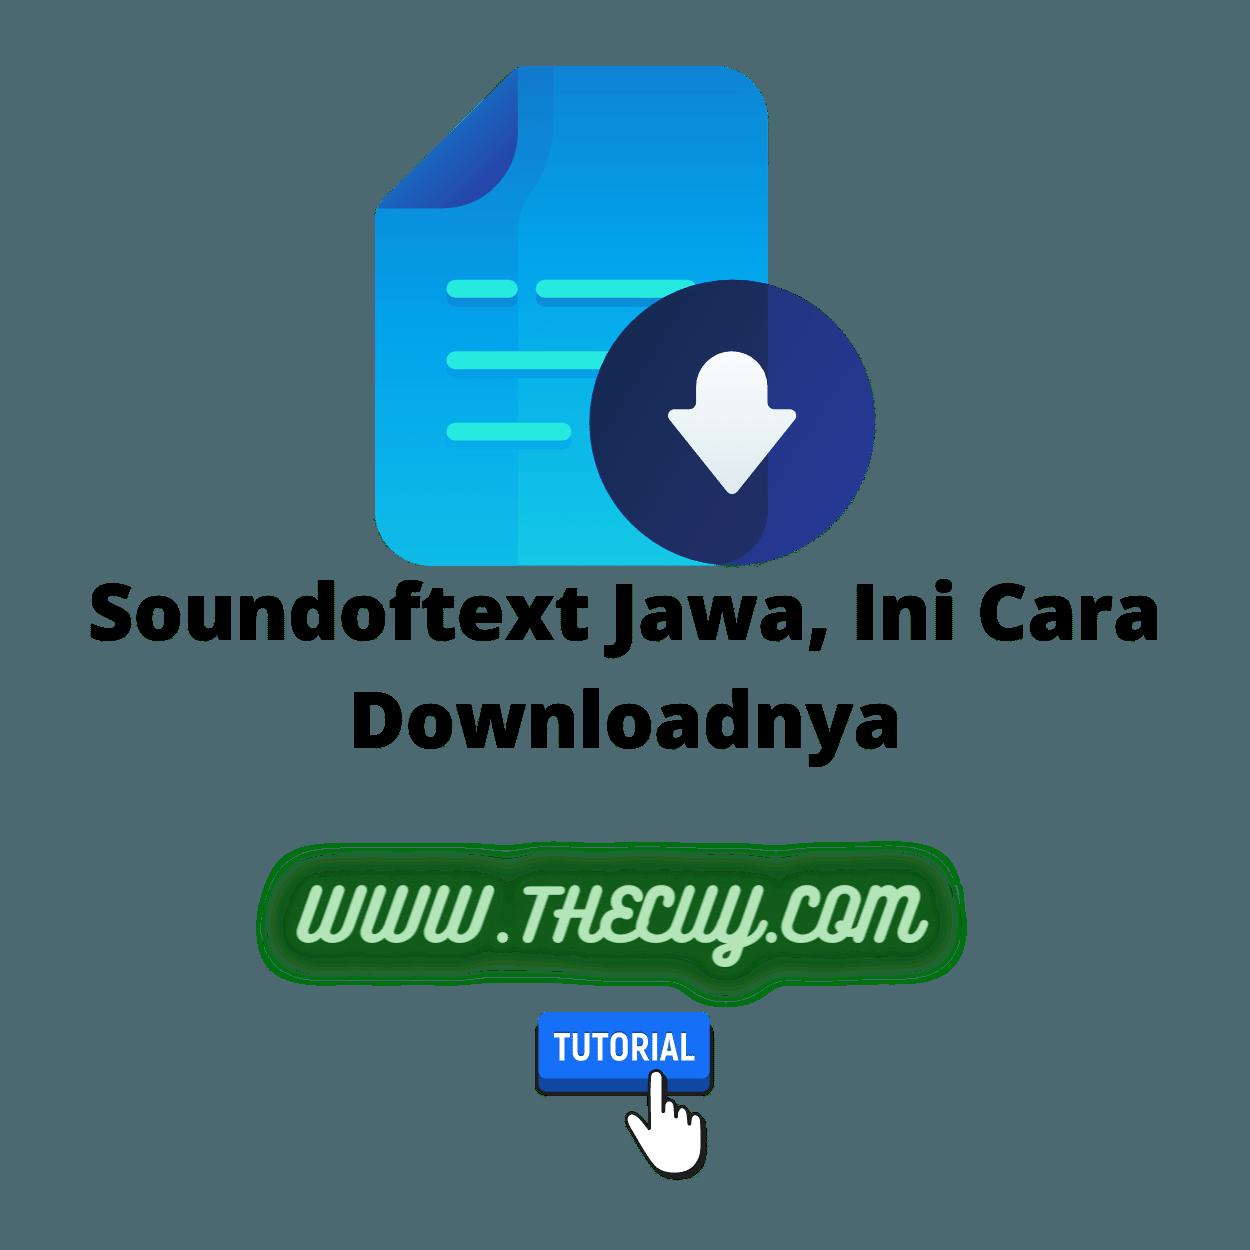 Soundoftext Jawa, Ini Cara Downloadnya